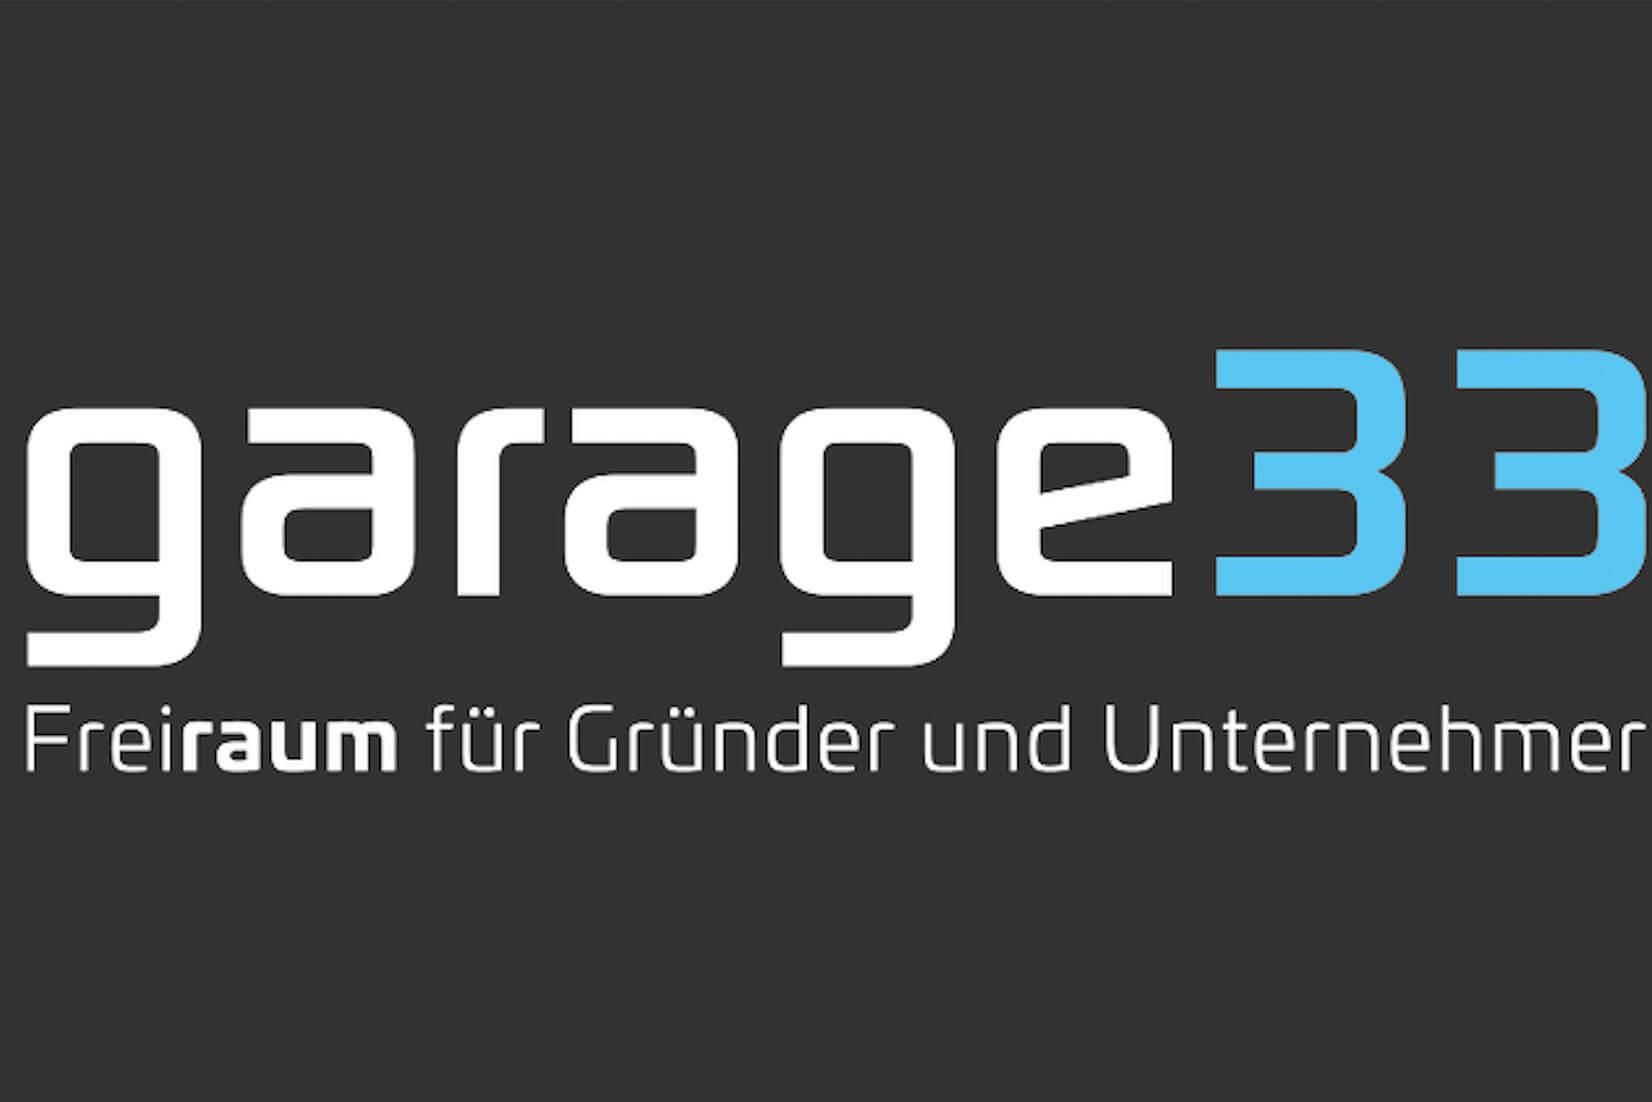 Logo Garage 33